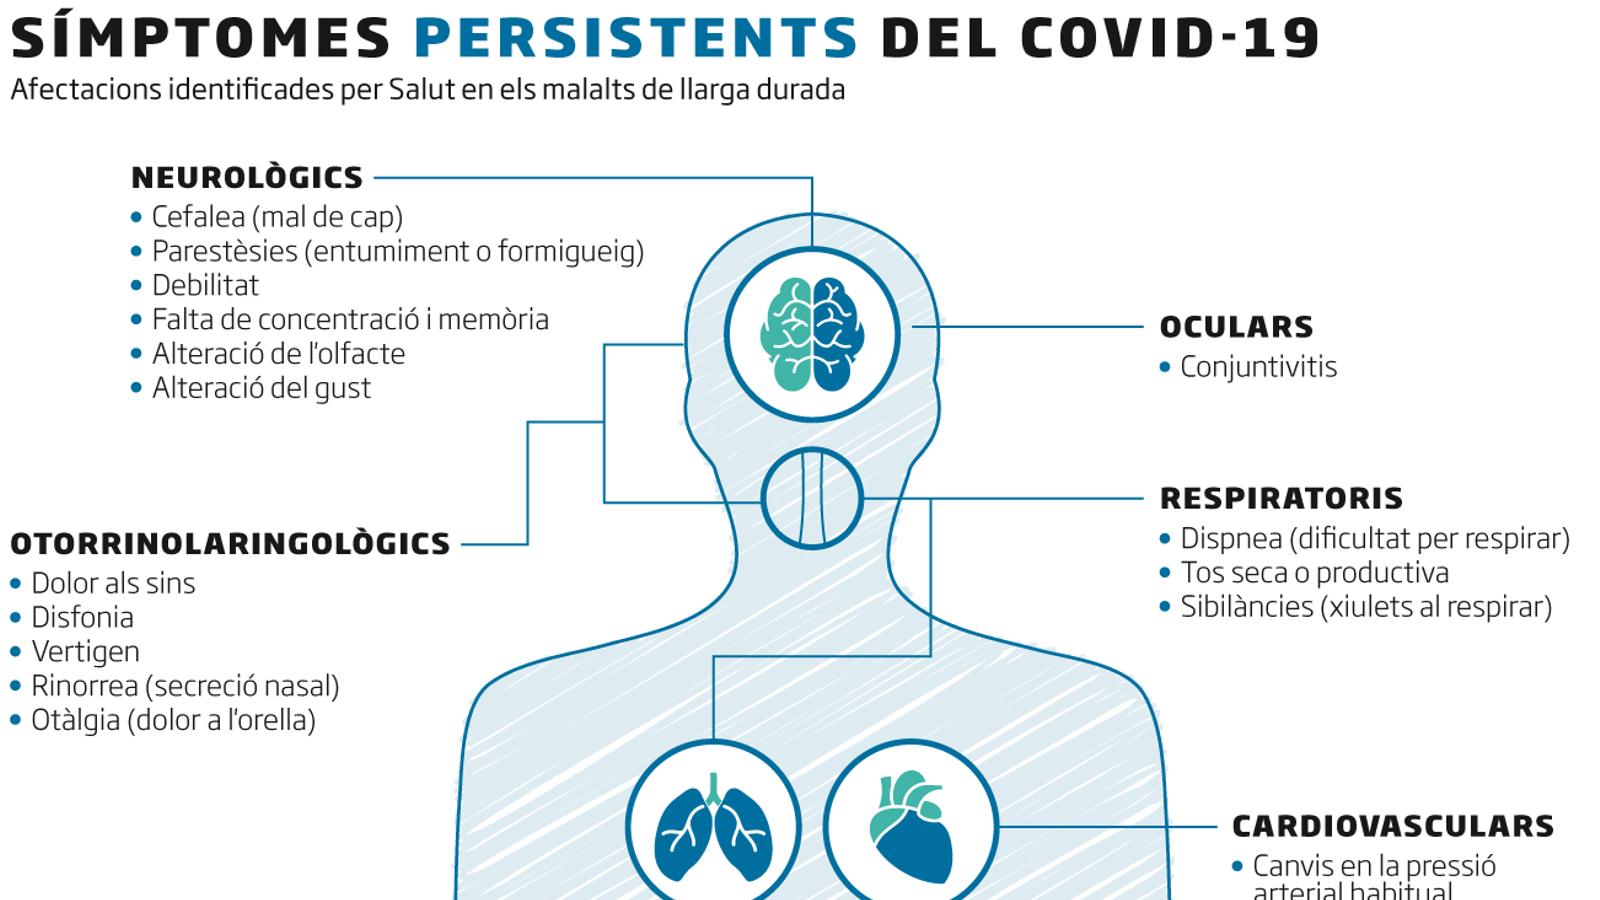 Identificats una trentena de possibles símptomes de covid-19 persistent